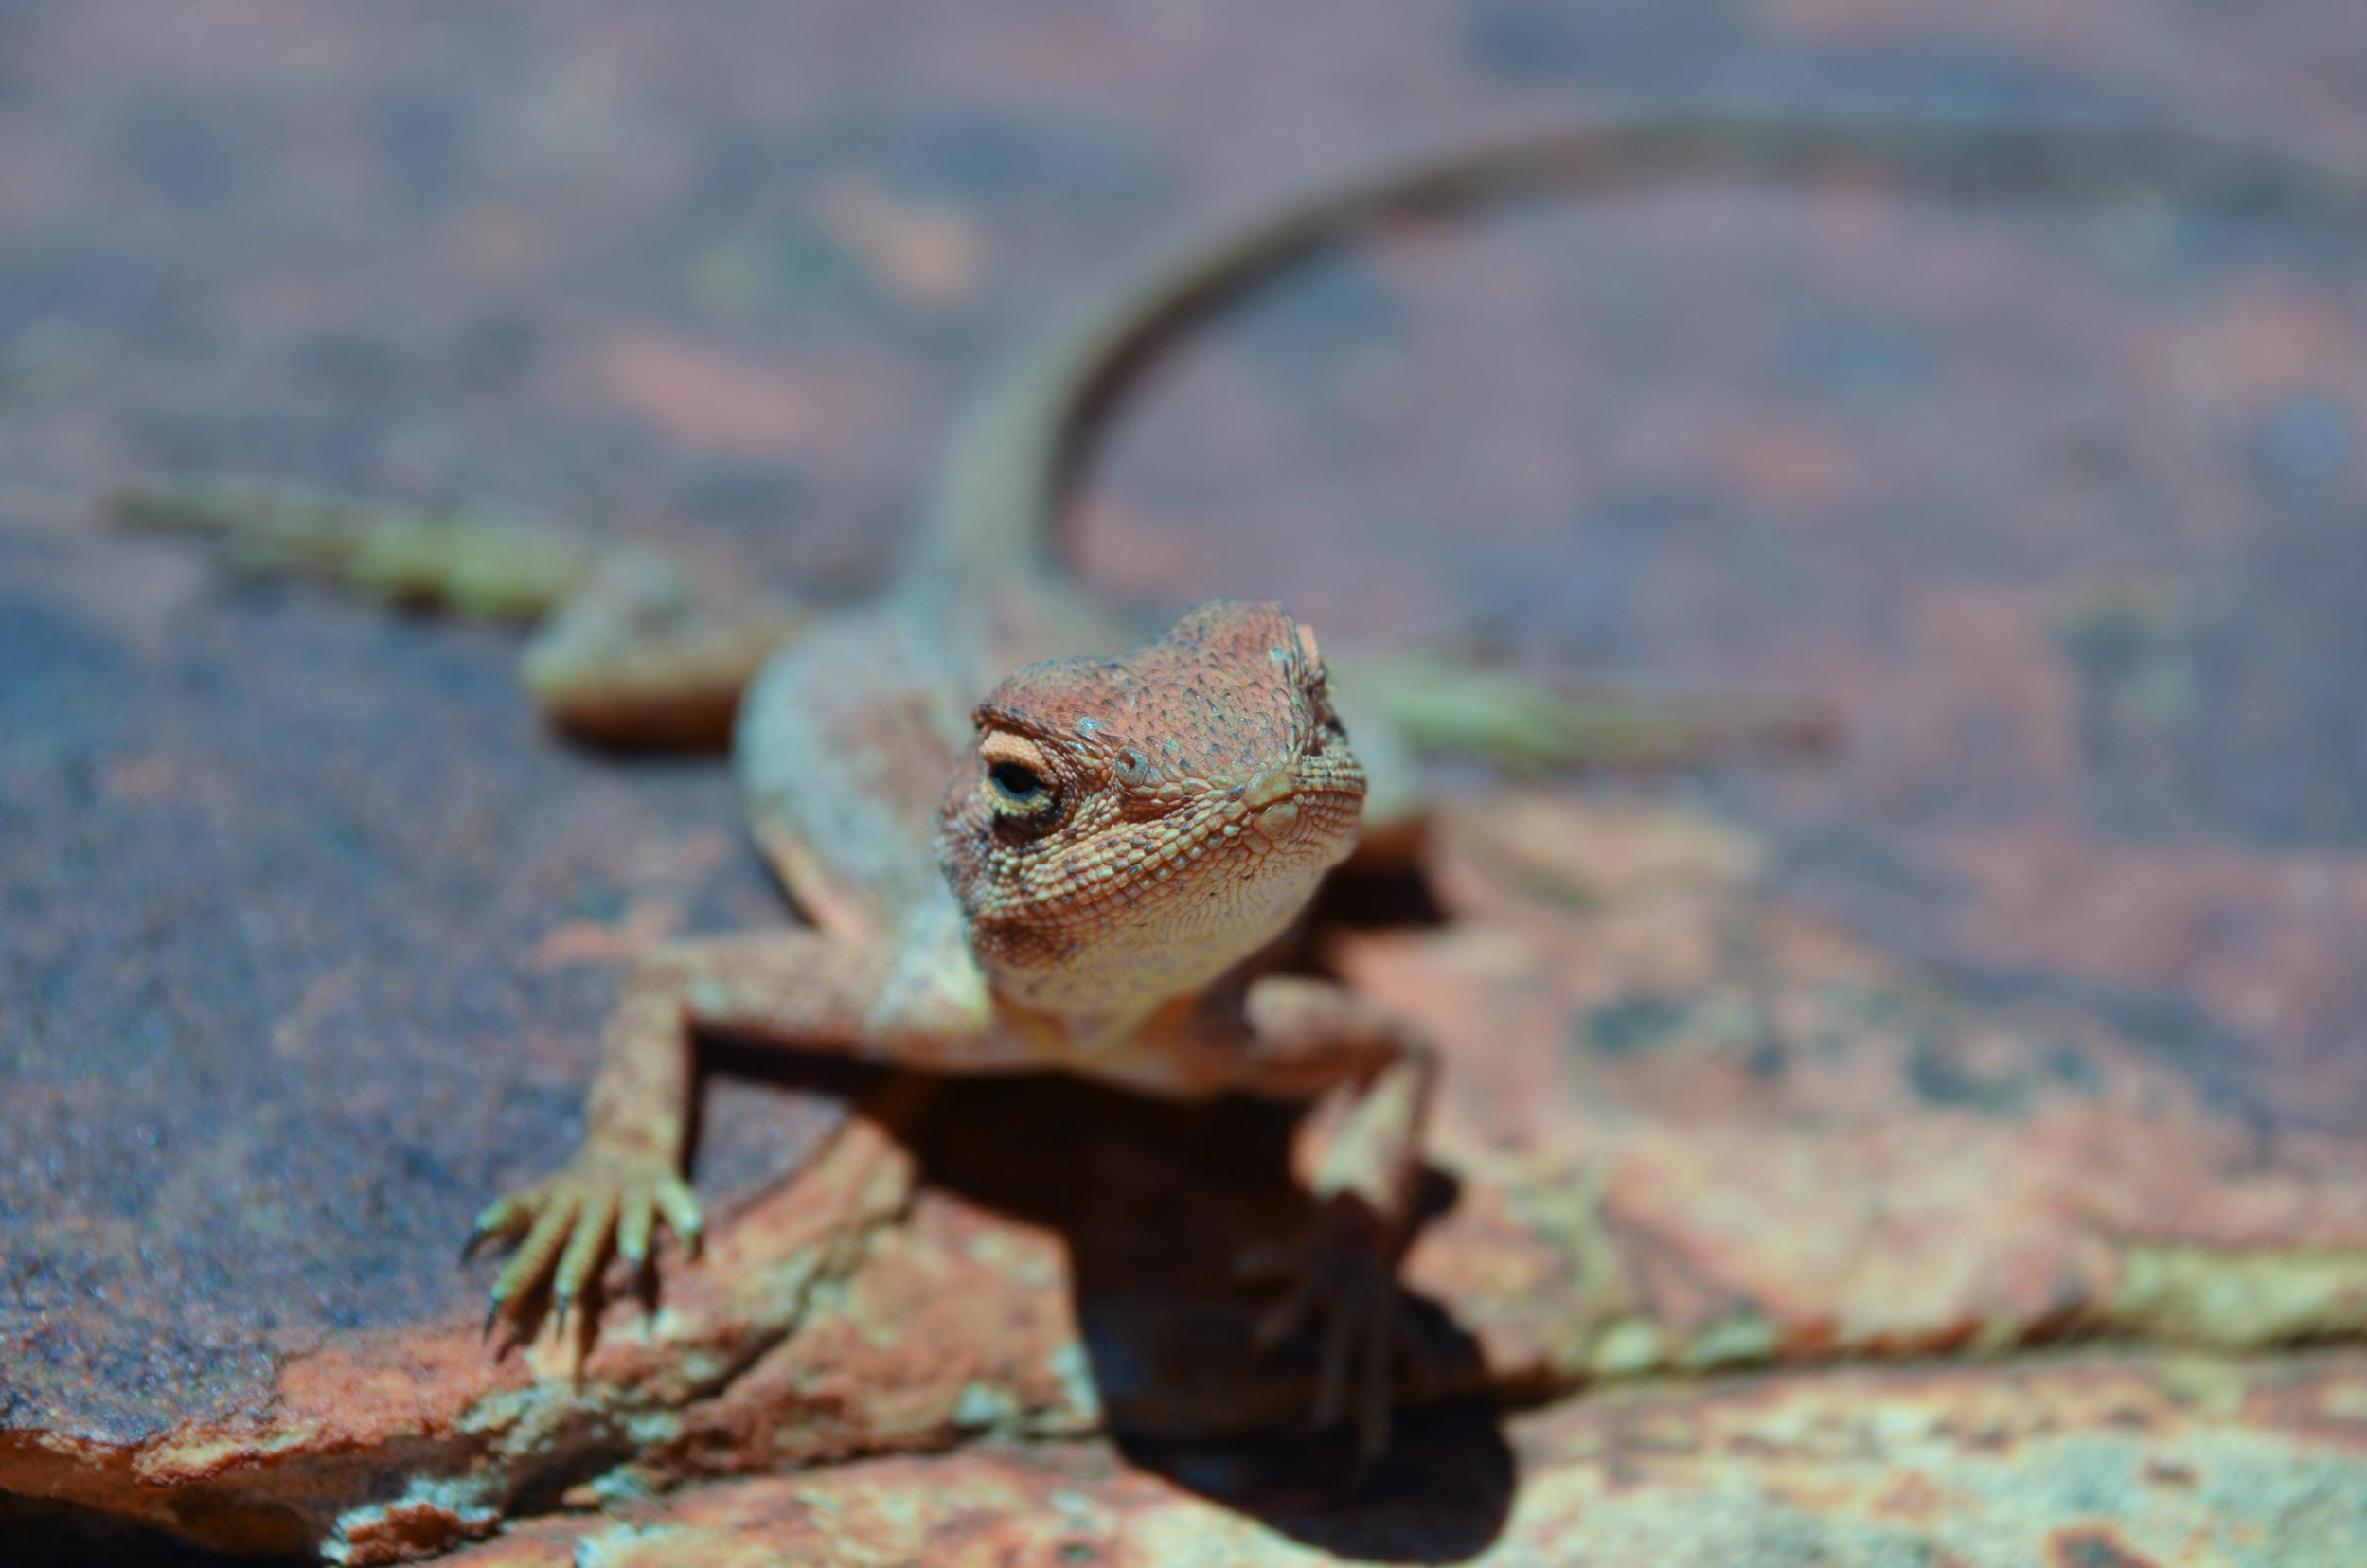 [18] Lizard in the Northern Territory.